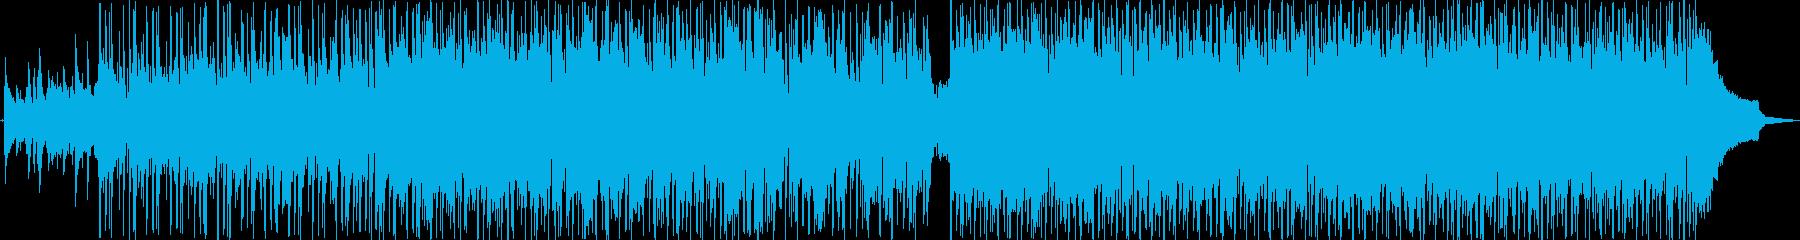 ヘヴィロック アクション 静か 楽...の再生済みの波形